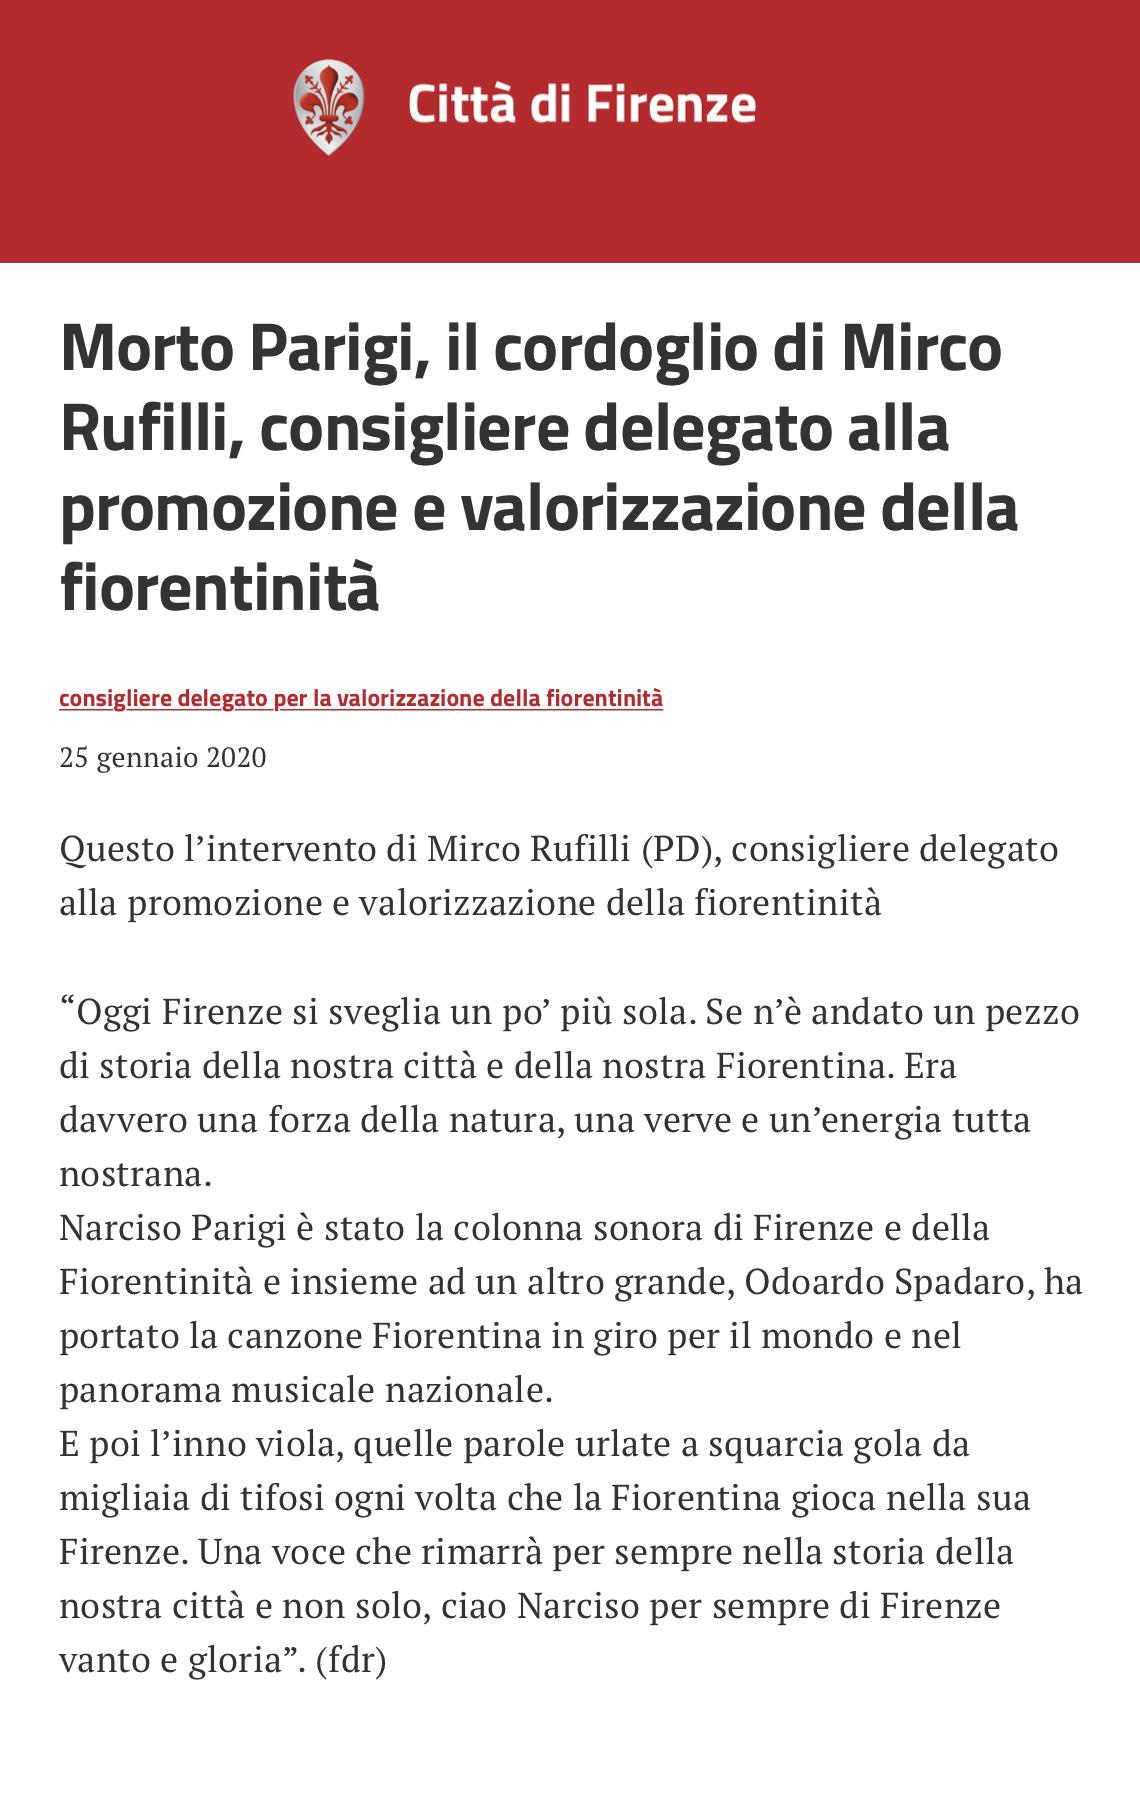 Morte Narciso Parigi Mirco Dinamo Rufilli consiglio comunale